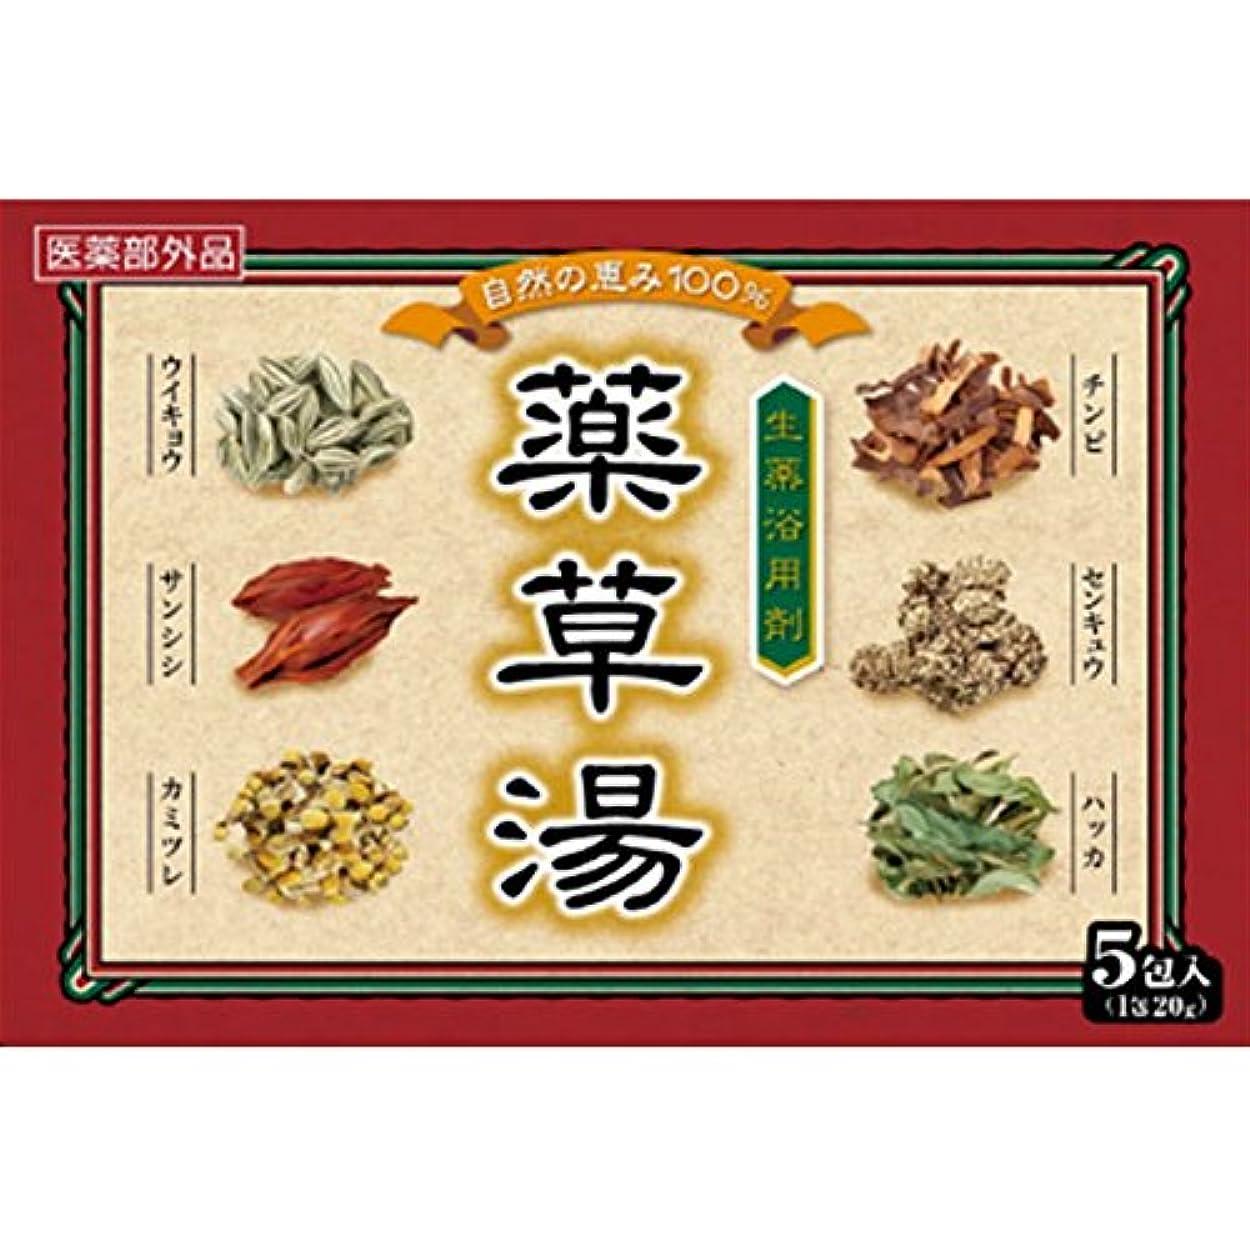 生薬浴用剤 薬草湯5包×5